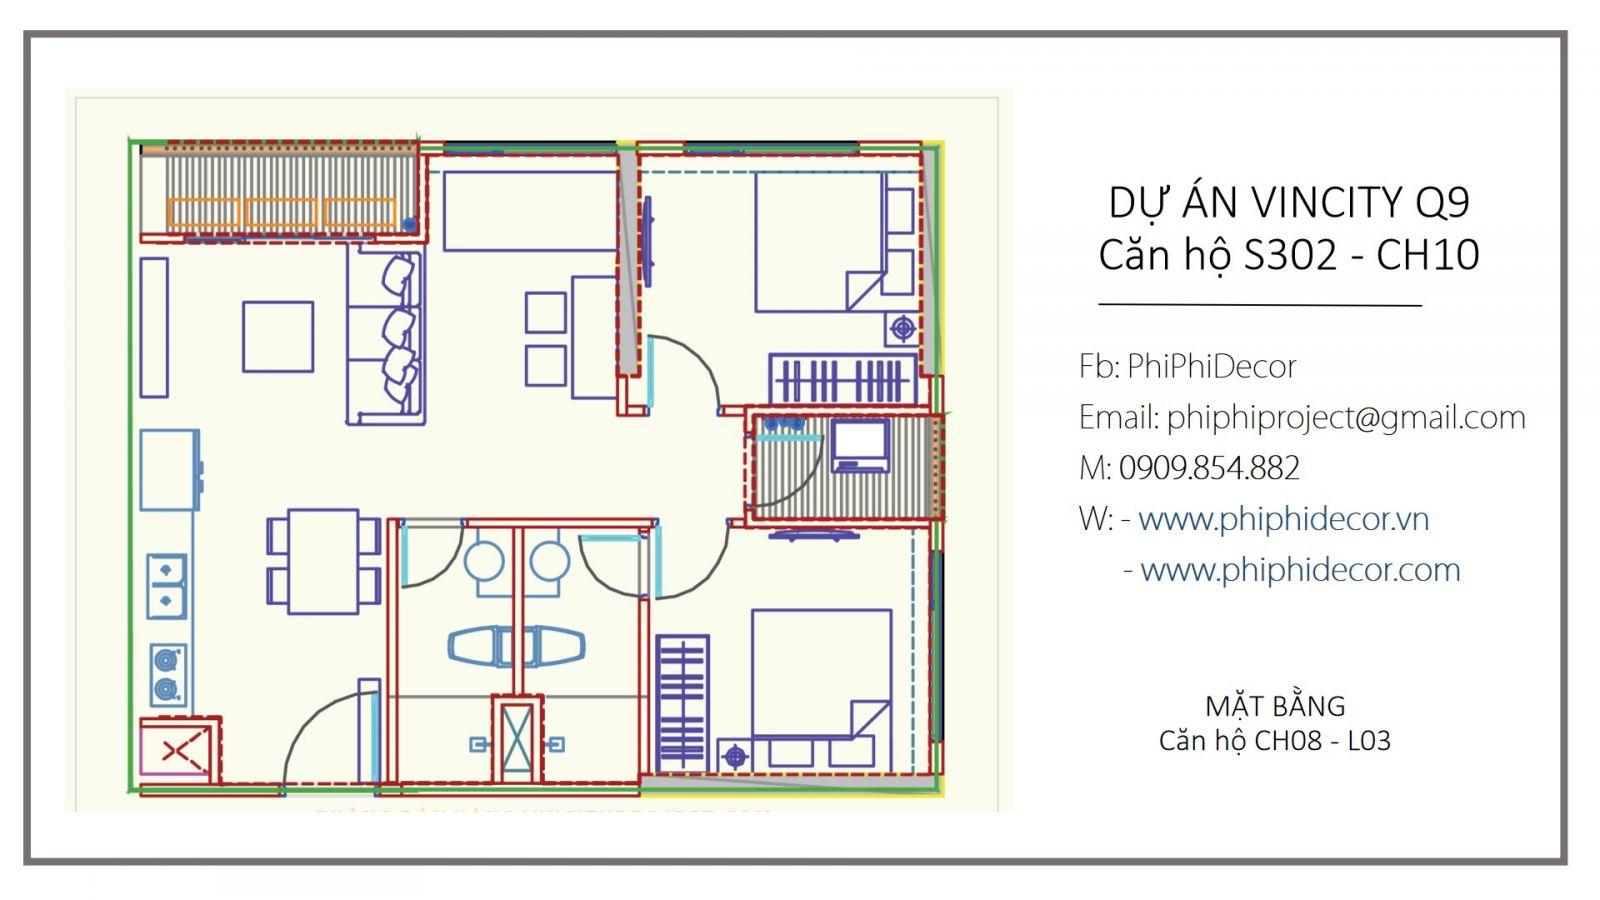 THIẾT KẾ THI CÔNG NỘI THẤP TỦ BẾP FULL HOUSE CĂN HỘ ANH HÙNG VINCITY Q9 L3 -CH10 2PN + 1